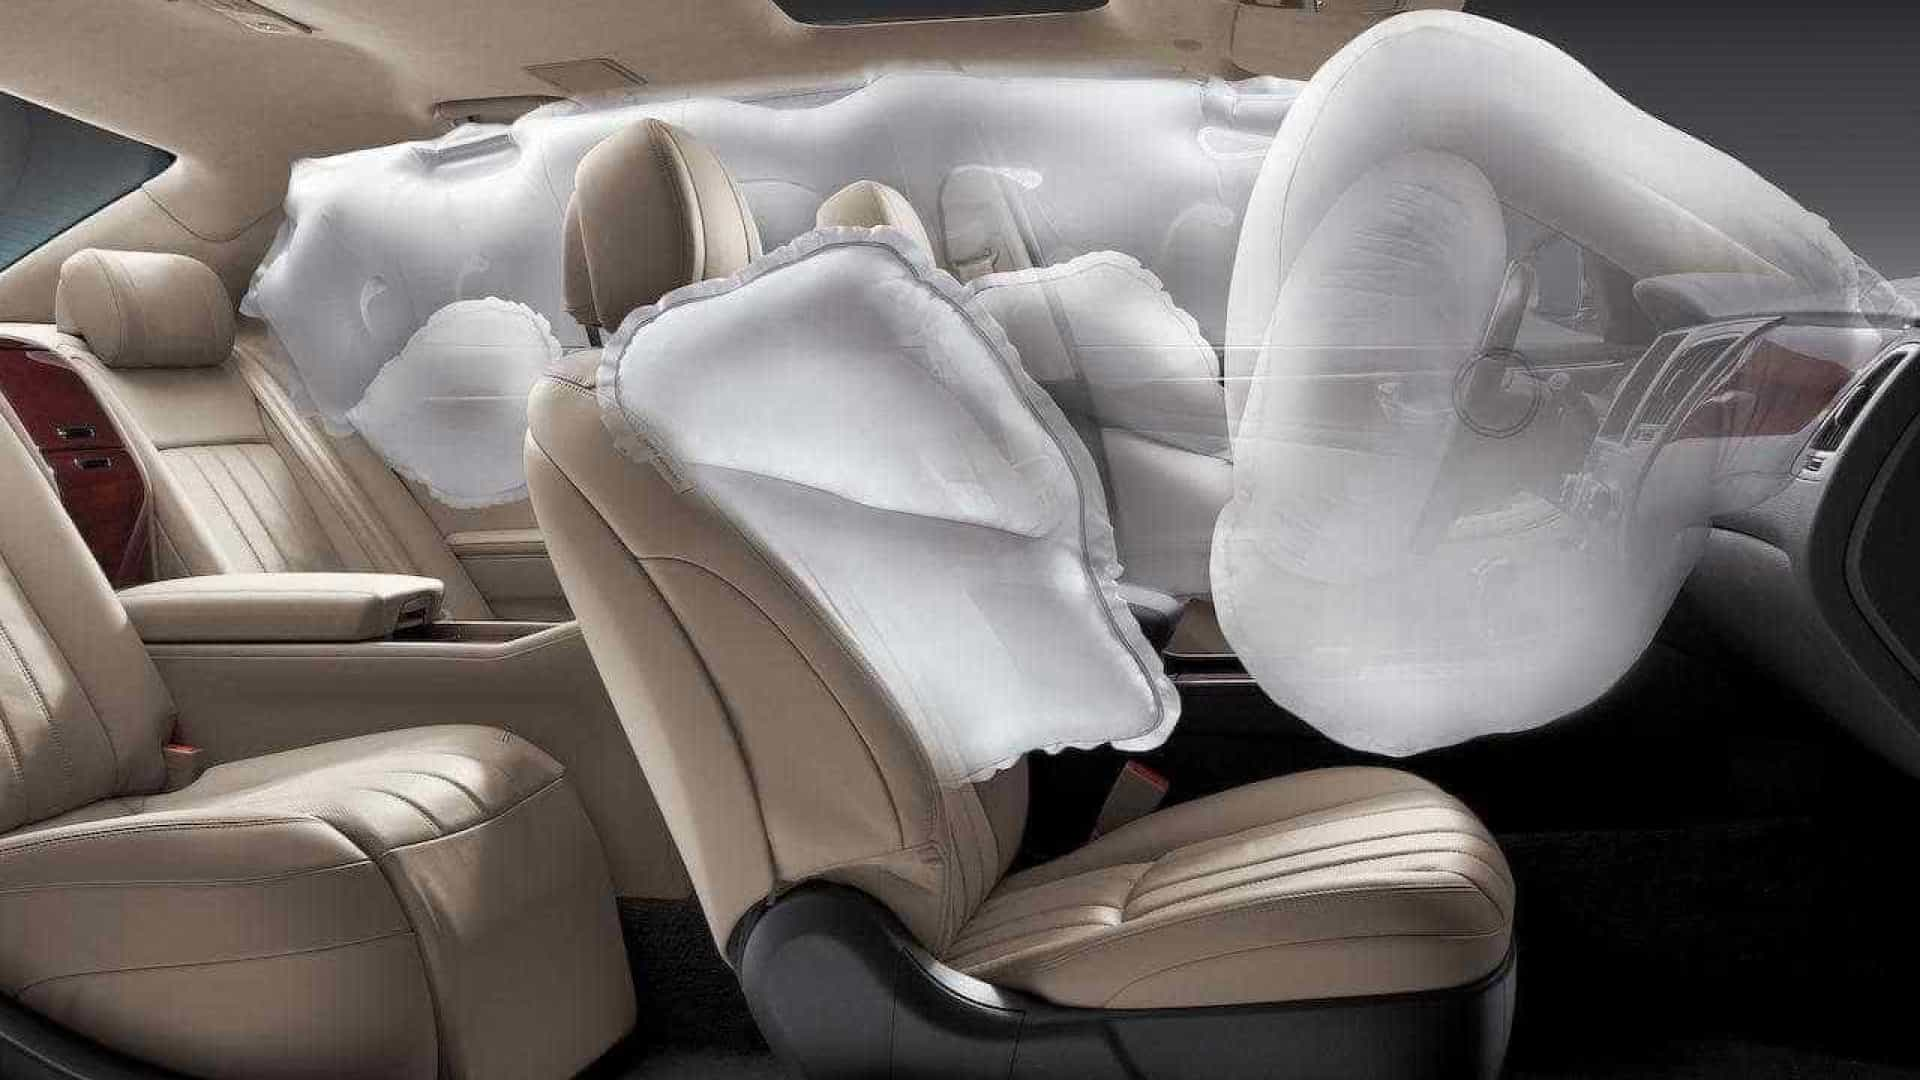 Recalls de airbags aumentaram 80% em 2017